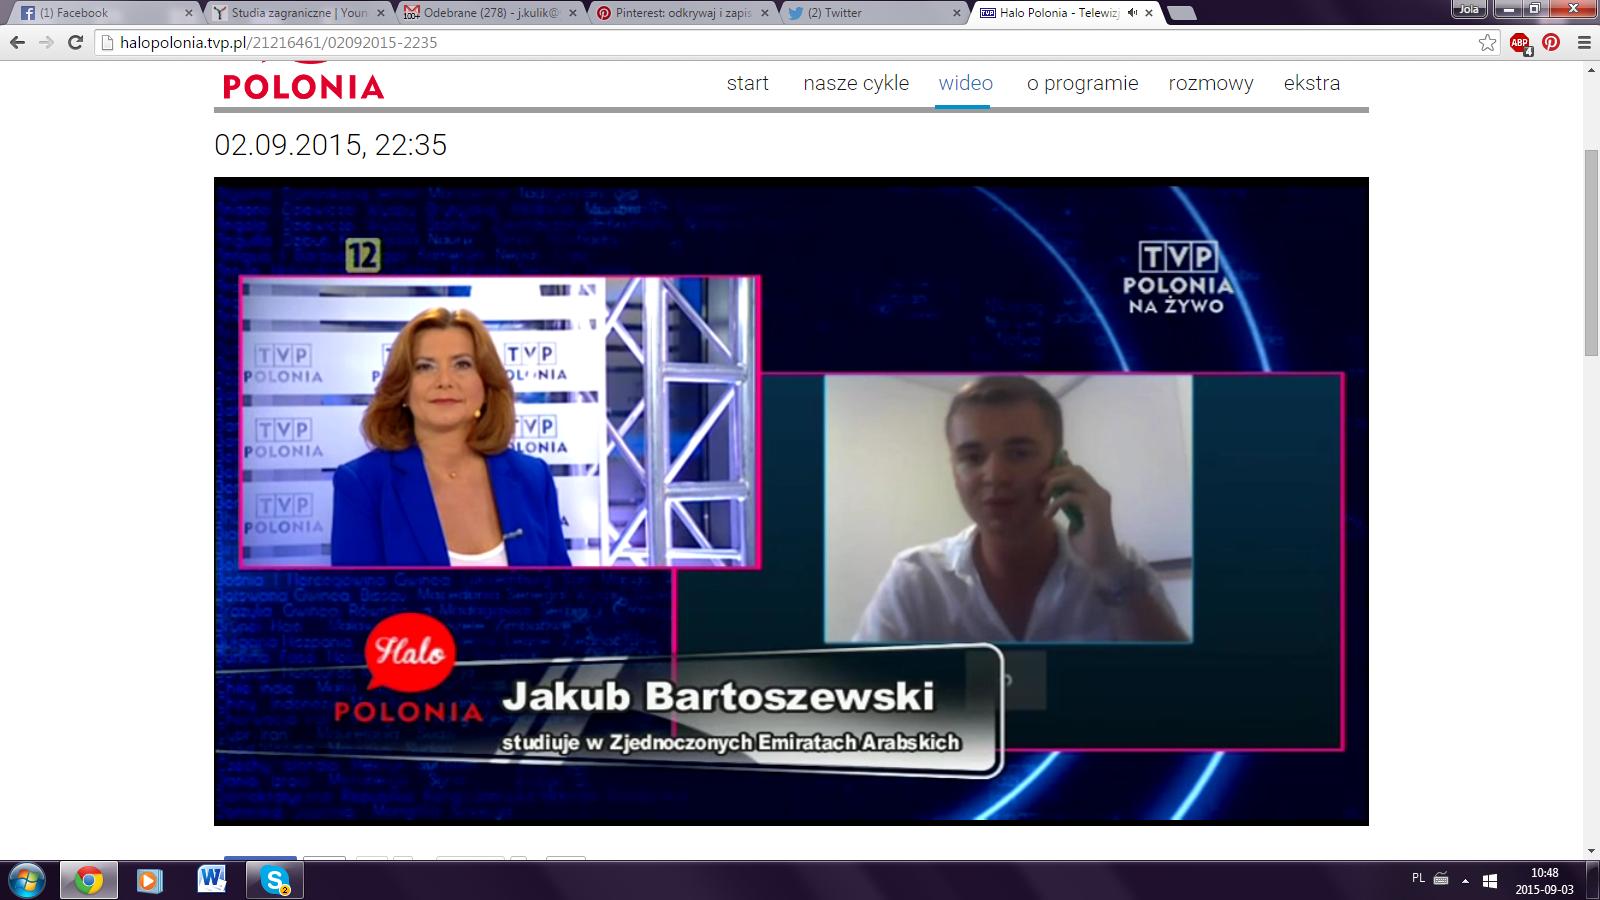 Nasz stypendysta Jakub Bartoszewski  na żywo z Abu Dhabi dla TVP Polonia!